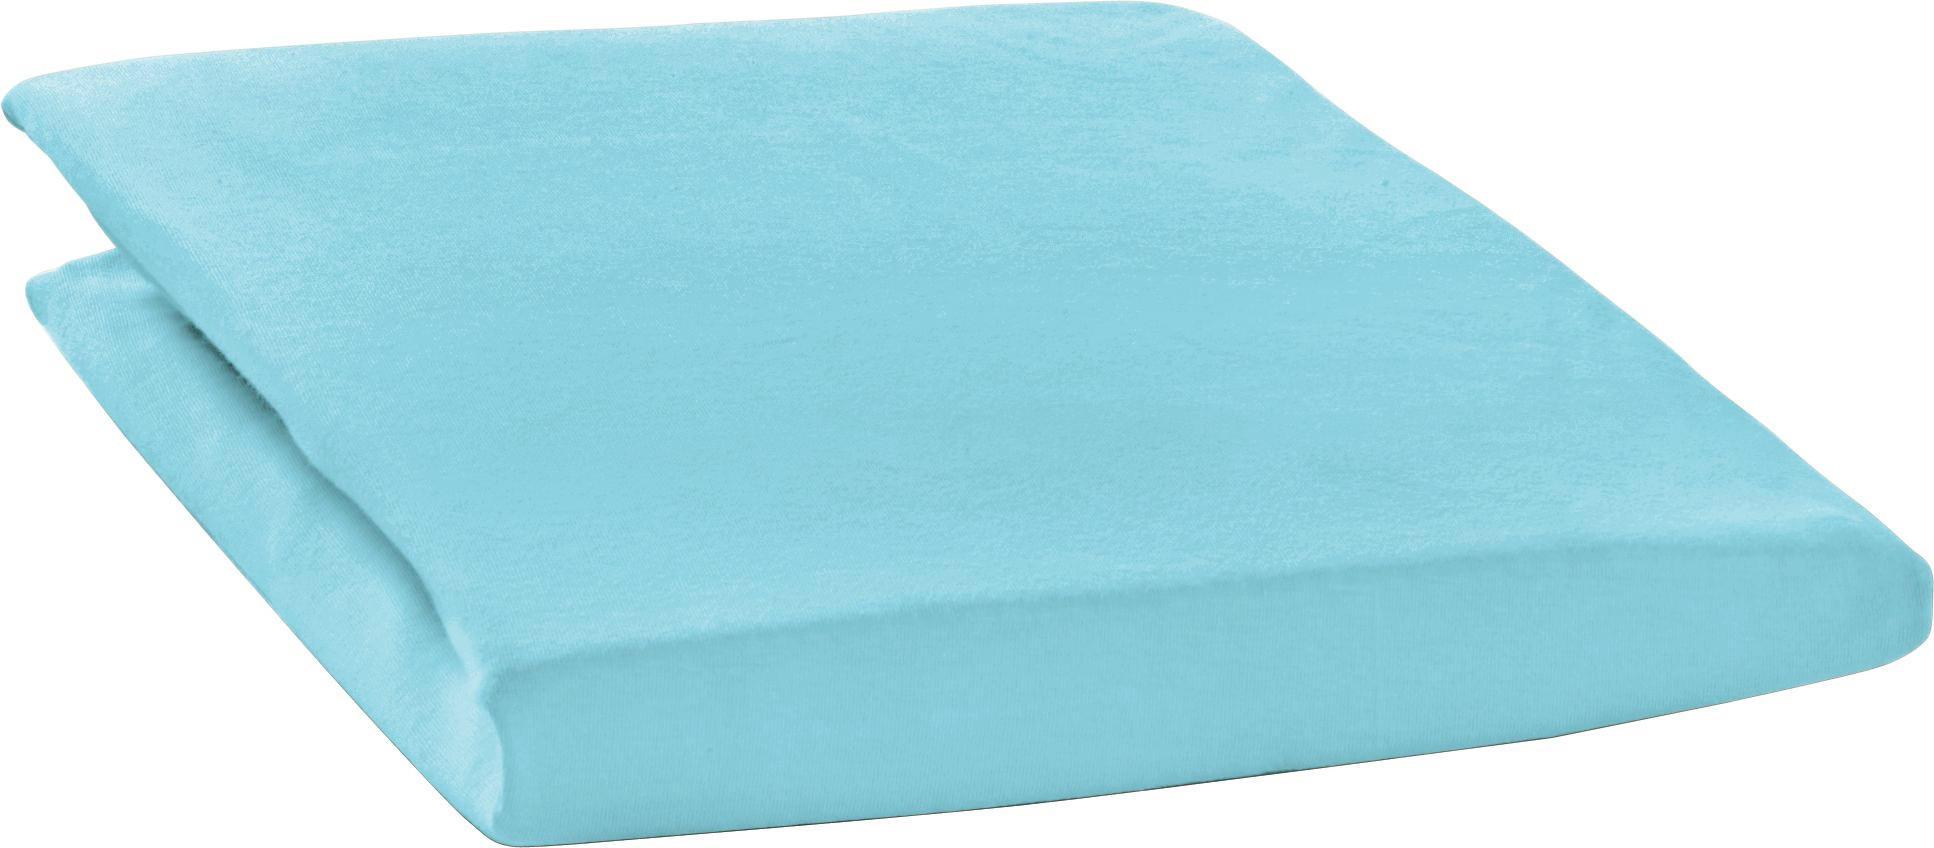 SPANNBETTTUCH Zwirn-Jersey Türkis bügelfrei, für Wasserbetten geeignet - Türkis, Basics, Textil (200/200cm) - ESTELLA